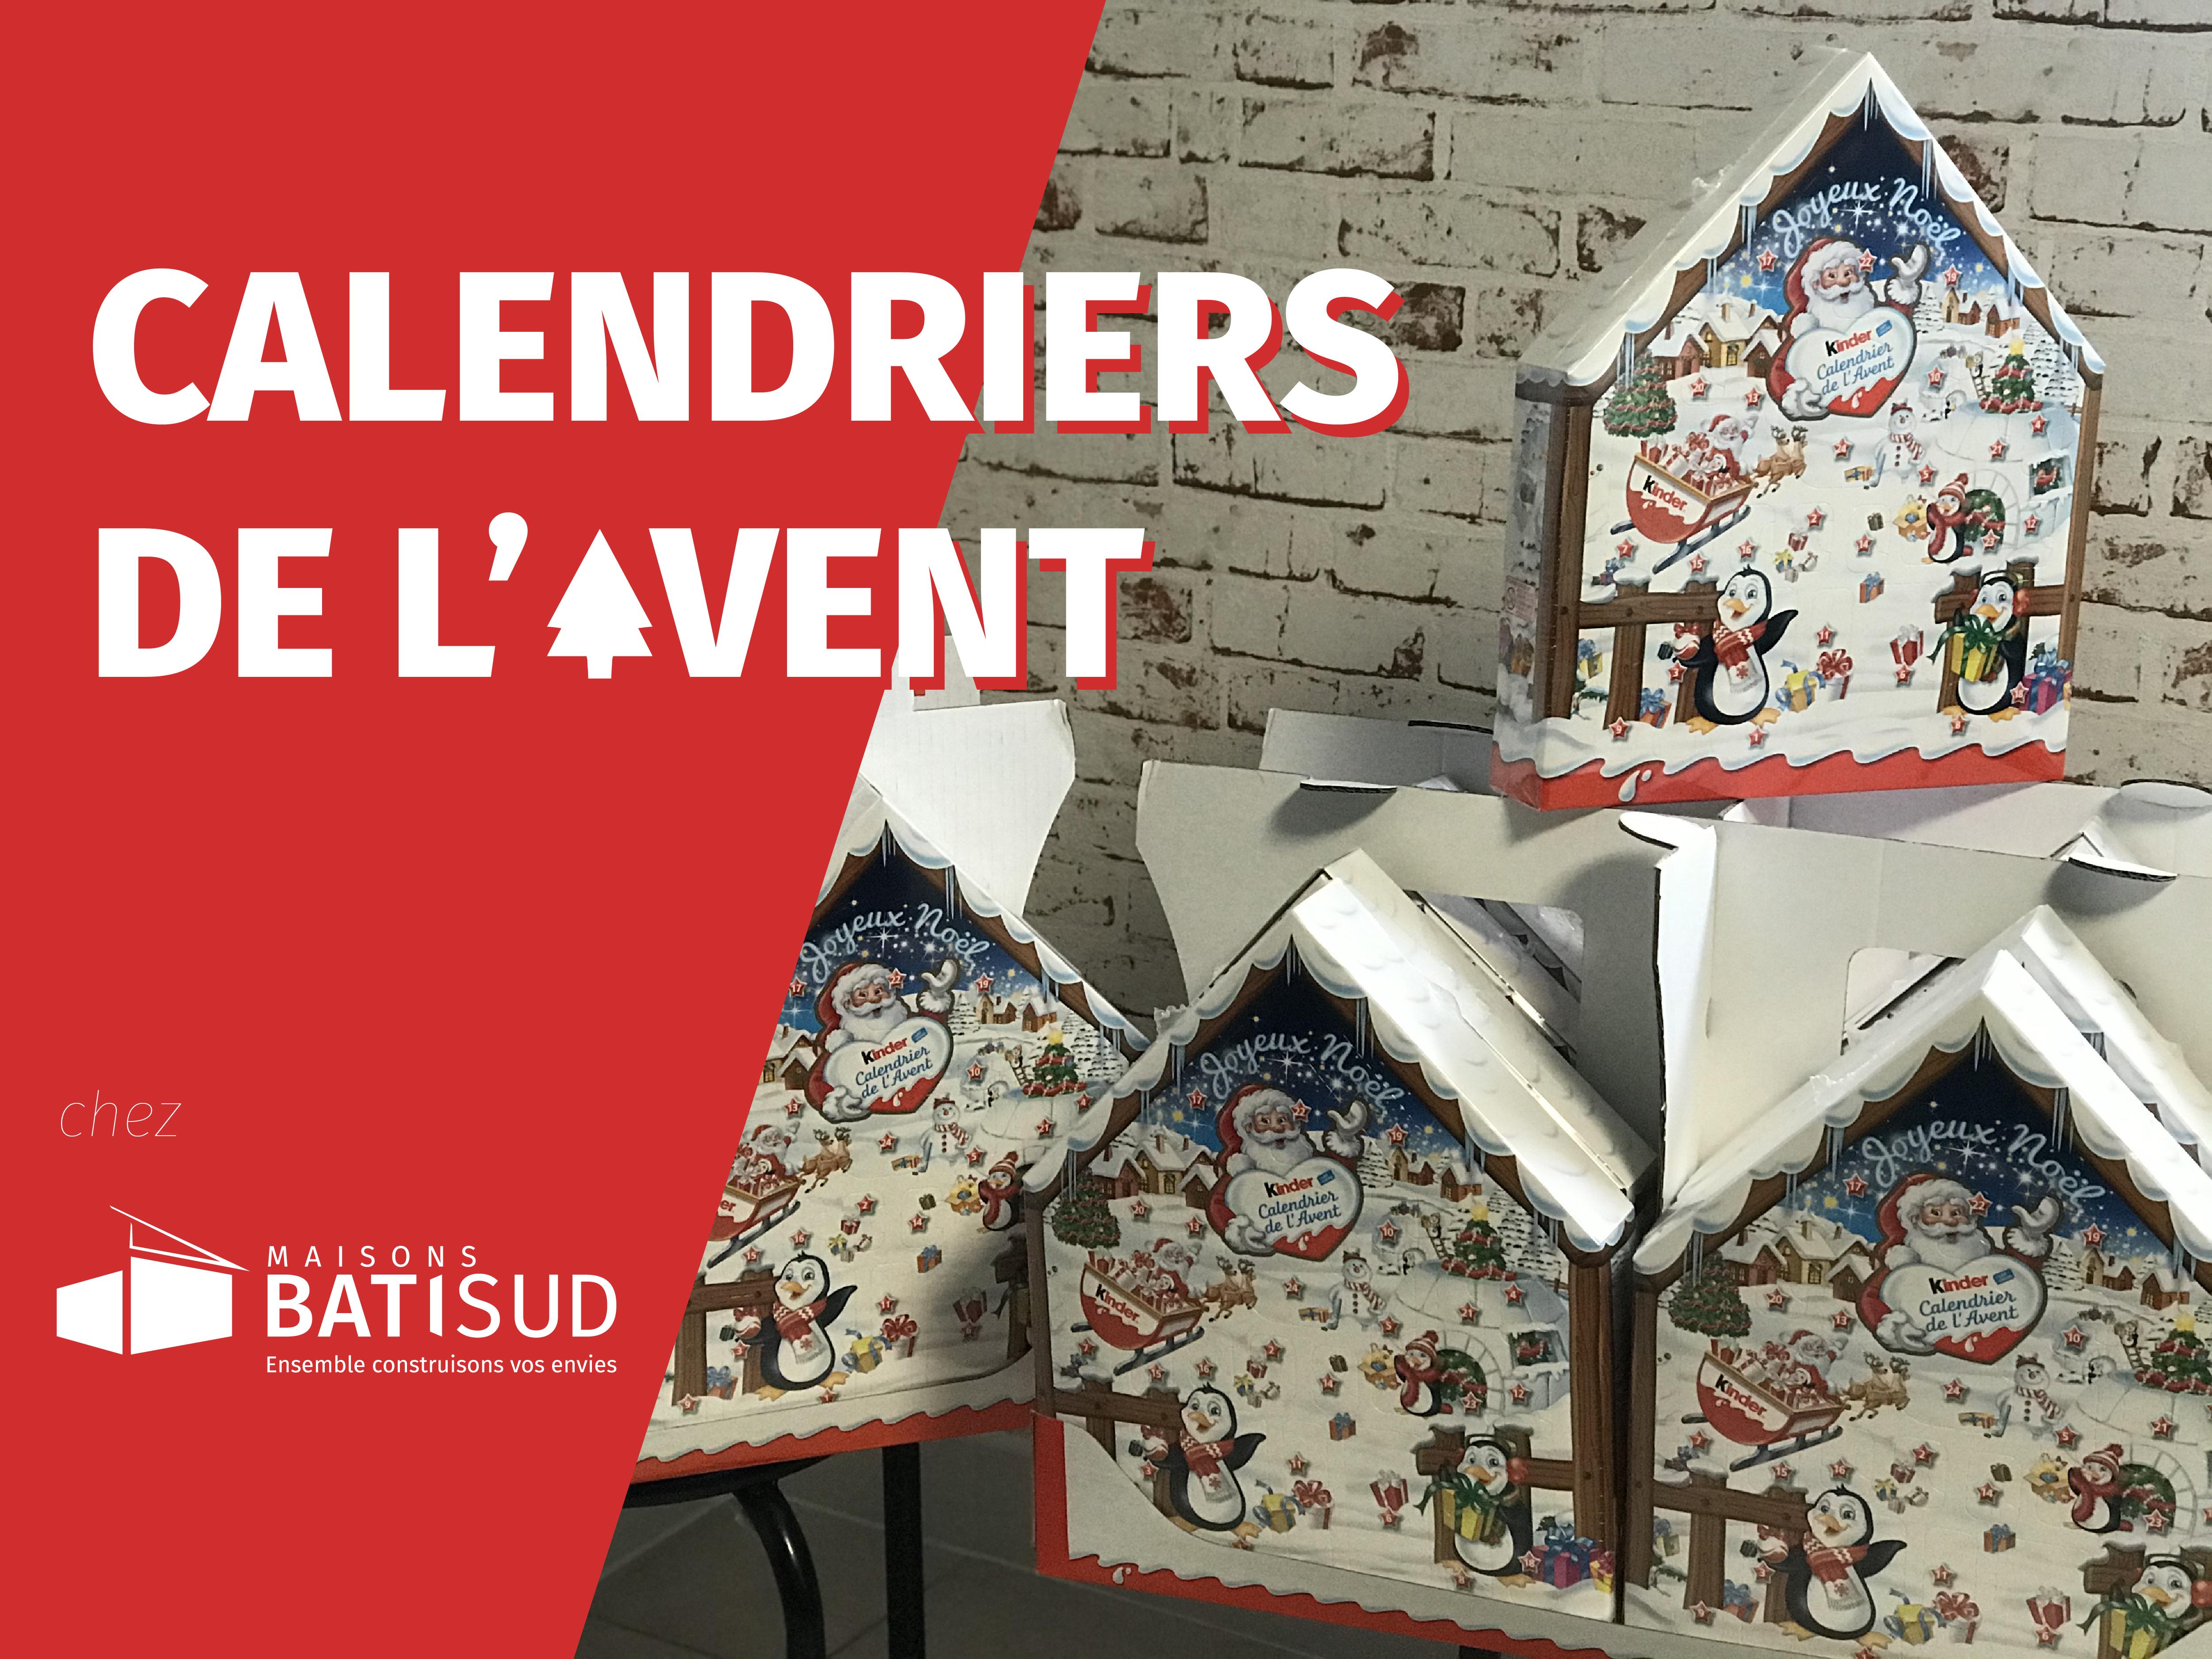 Maisons Bati Sud : Les calendriers de l'avent vous attendent